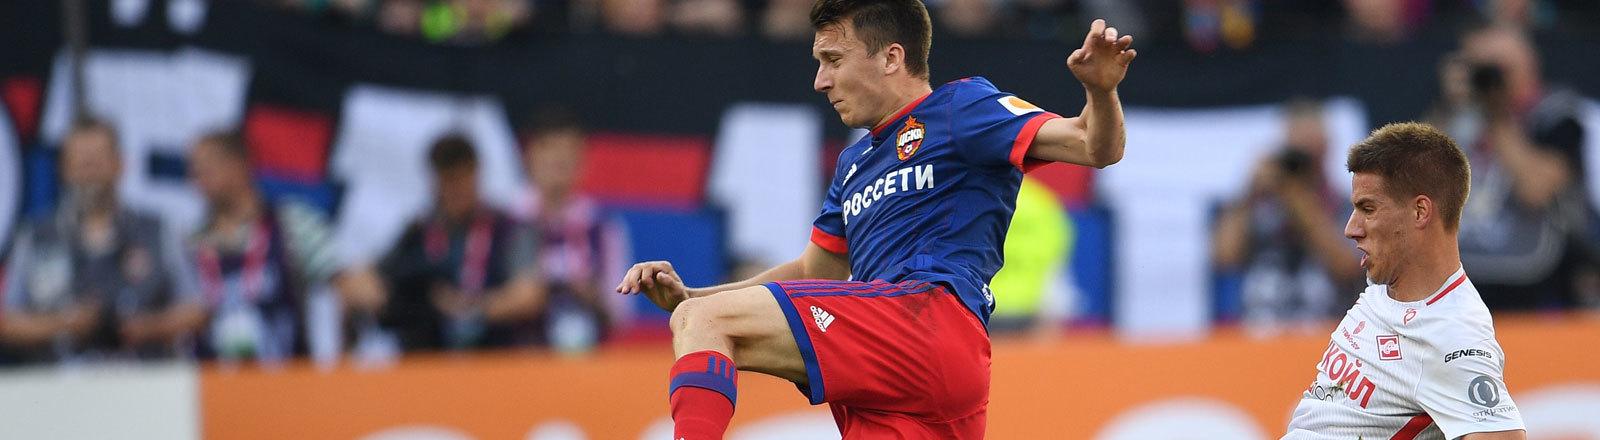 CSKA's Aleksandr Golovin, links, und Spartak's Mario Pasalic bei einem Spiel der 1. Liga.